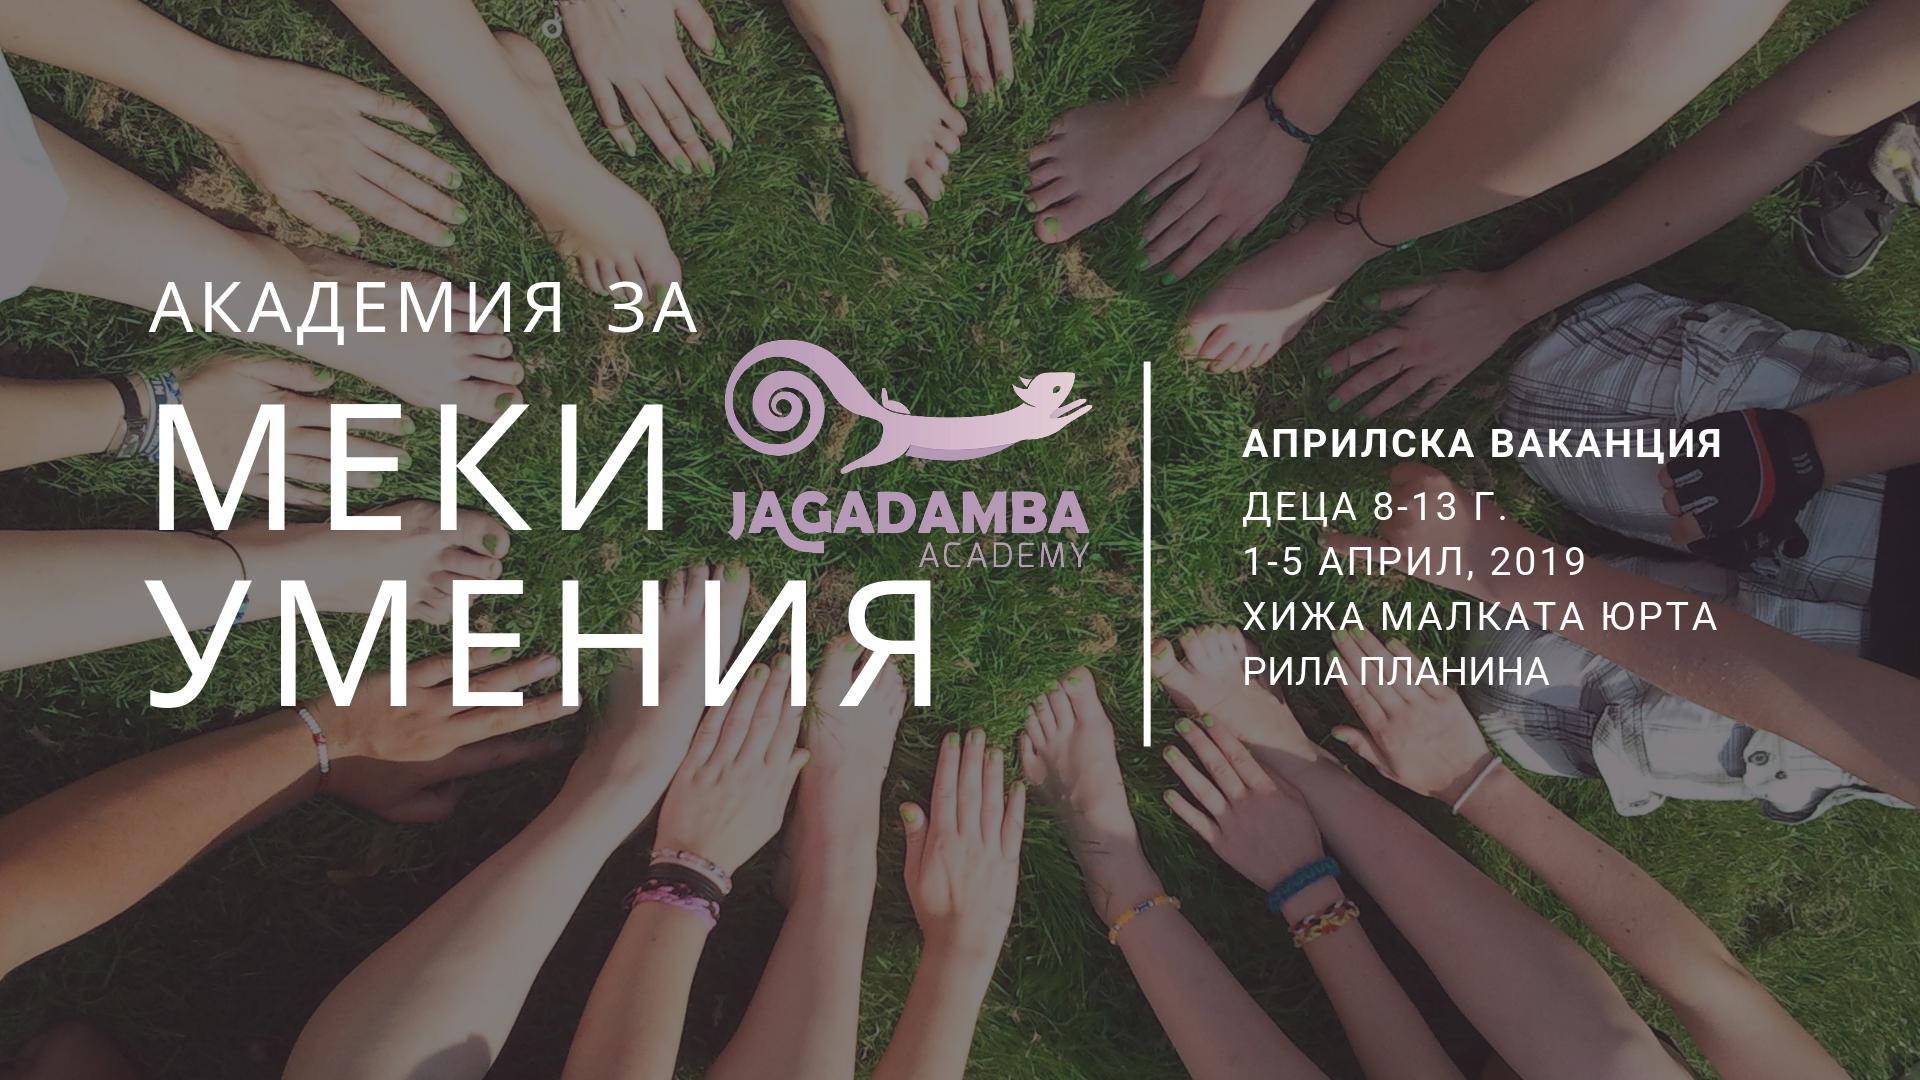 СЕМИНАР-ЗА-ЛИЧНОСТНО-РАЗВИТИЕ-ЗА-ДЕЦА-Jagadamba-academy